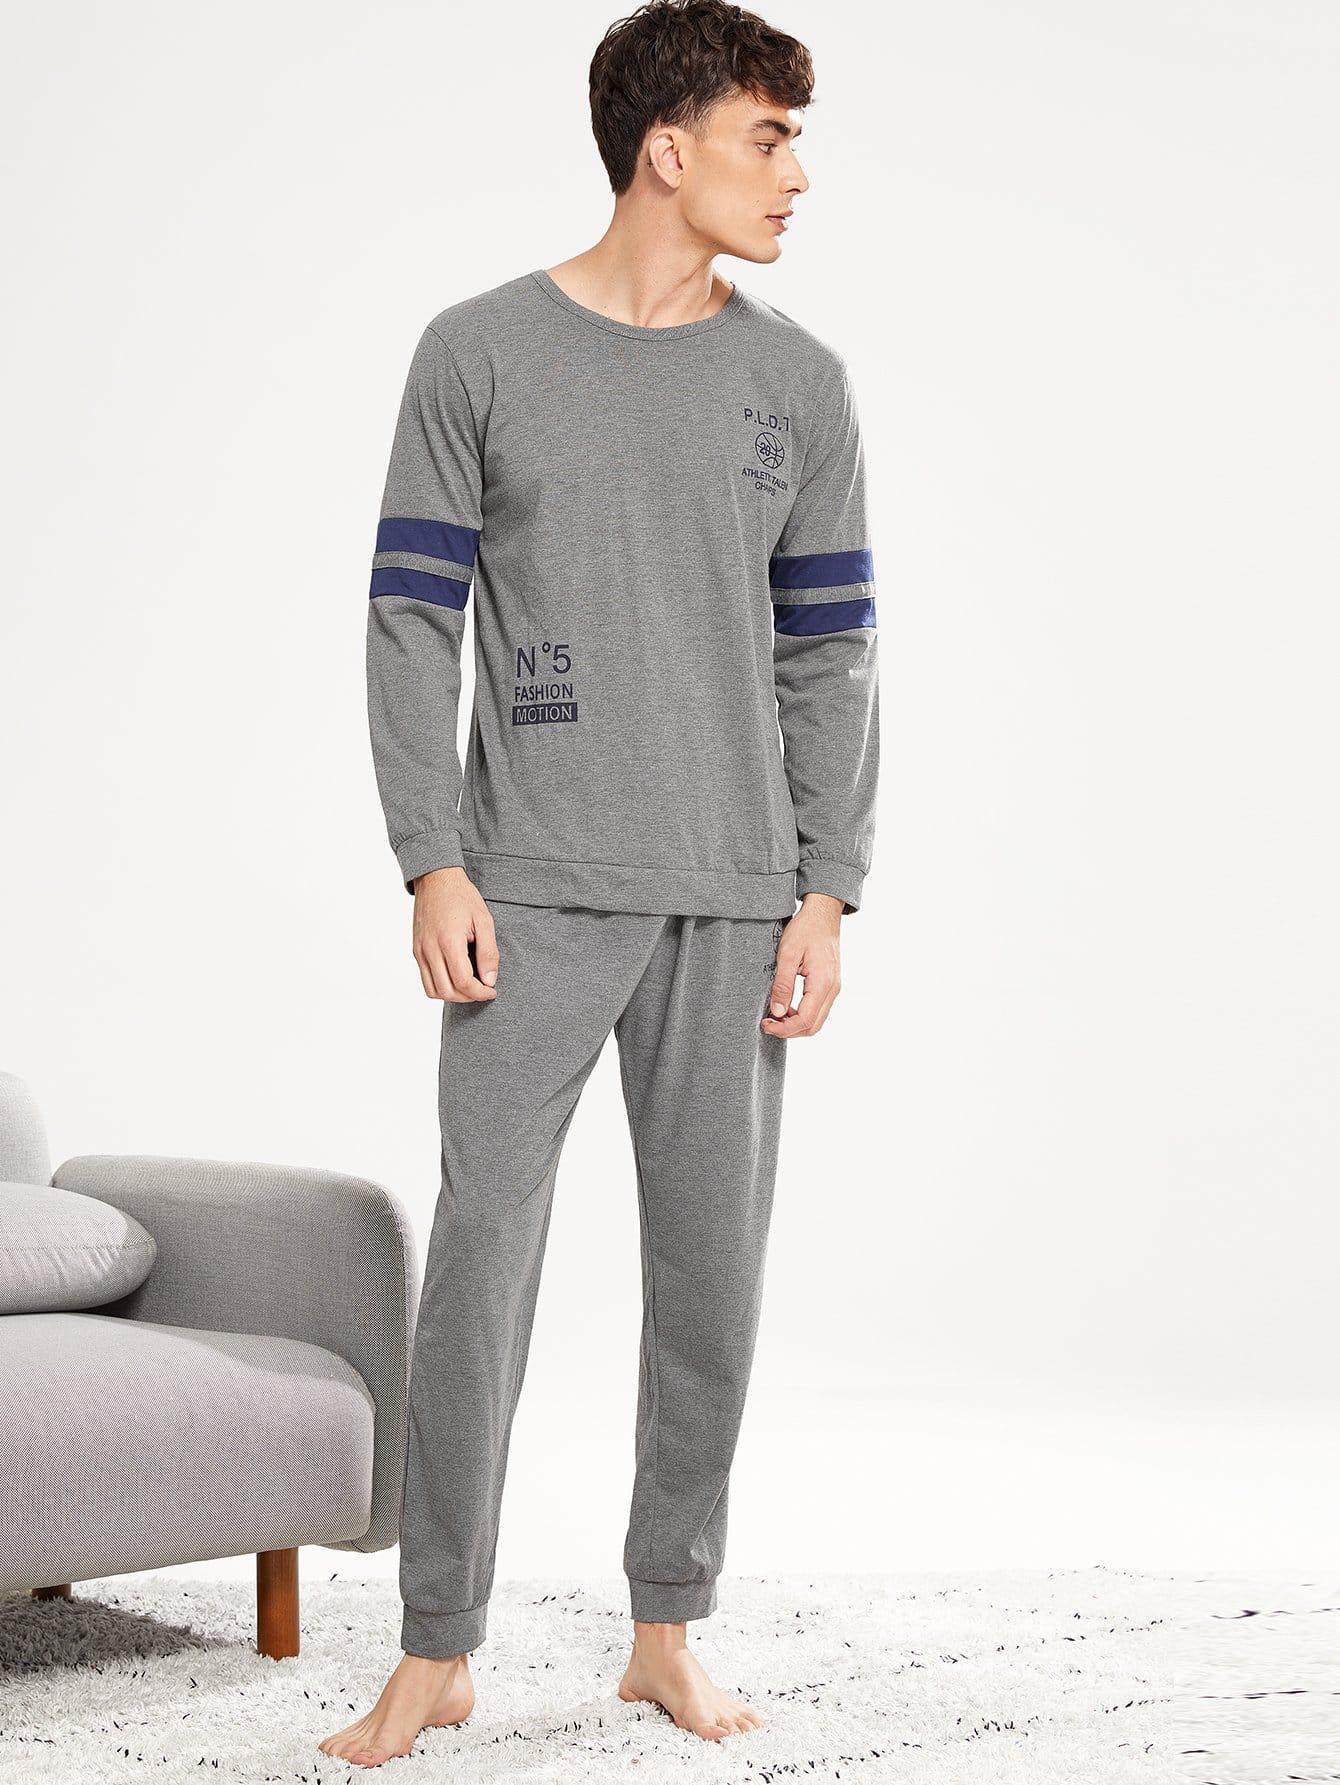 Комплект пижамы с рисунками буквы и со симметрическими полосами для мужчины от SheIn